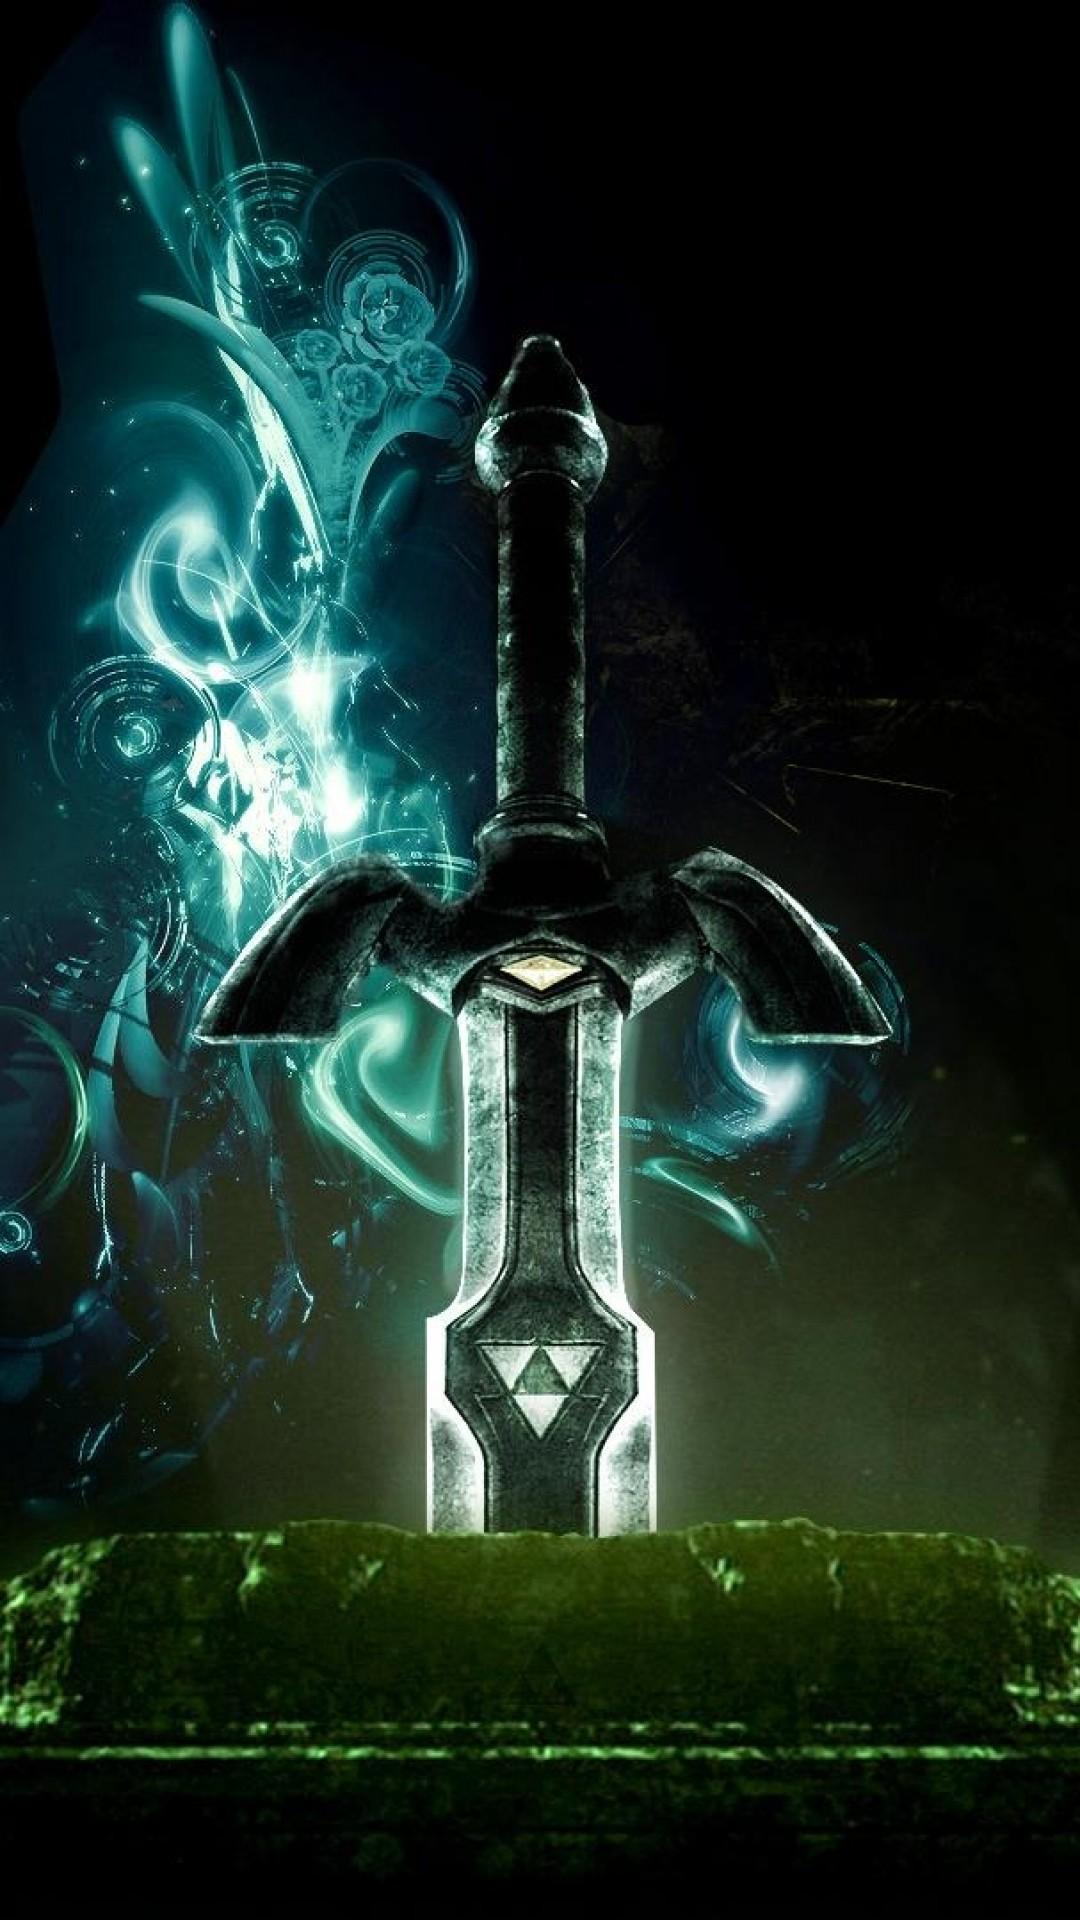 Wallpaper the legend of zelda, sword, graphics, background